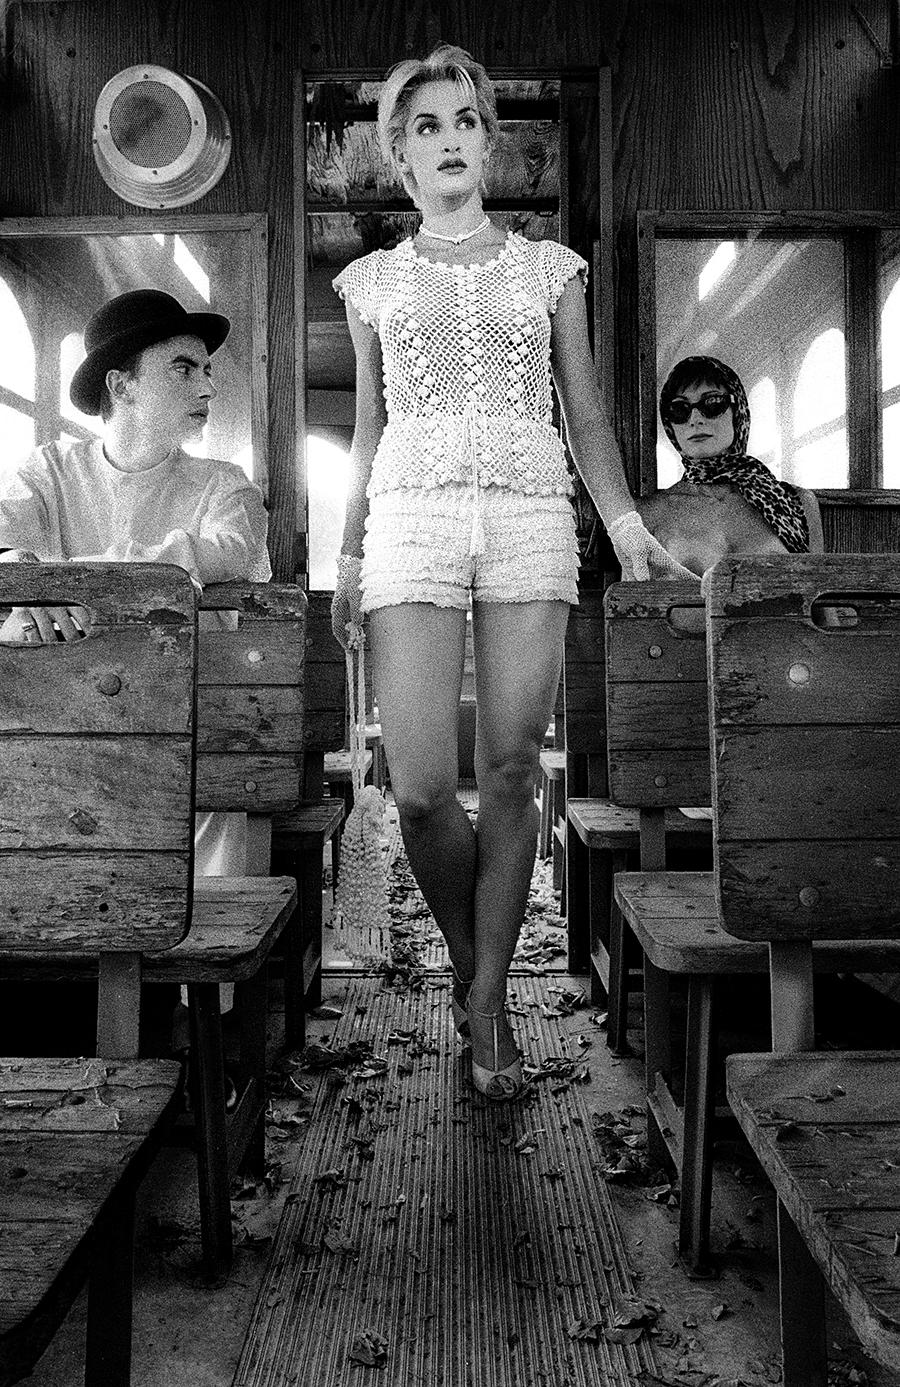 Tony_Ward_studio_trolly_ride_fantasy_tableaux_vivant_sandy_ward_nude_nudity_erotica_photography